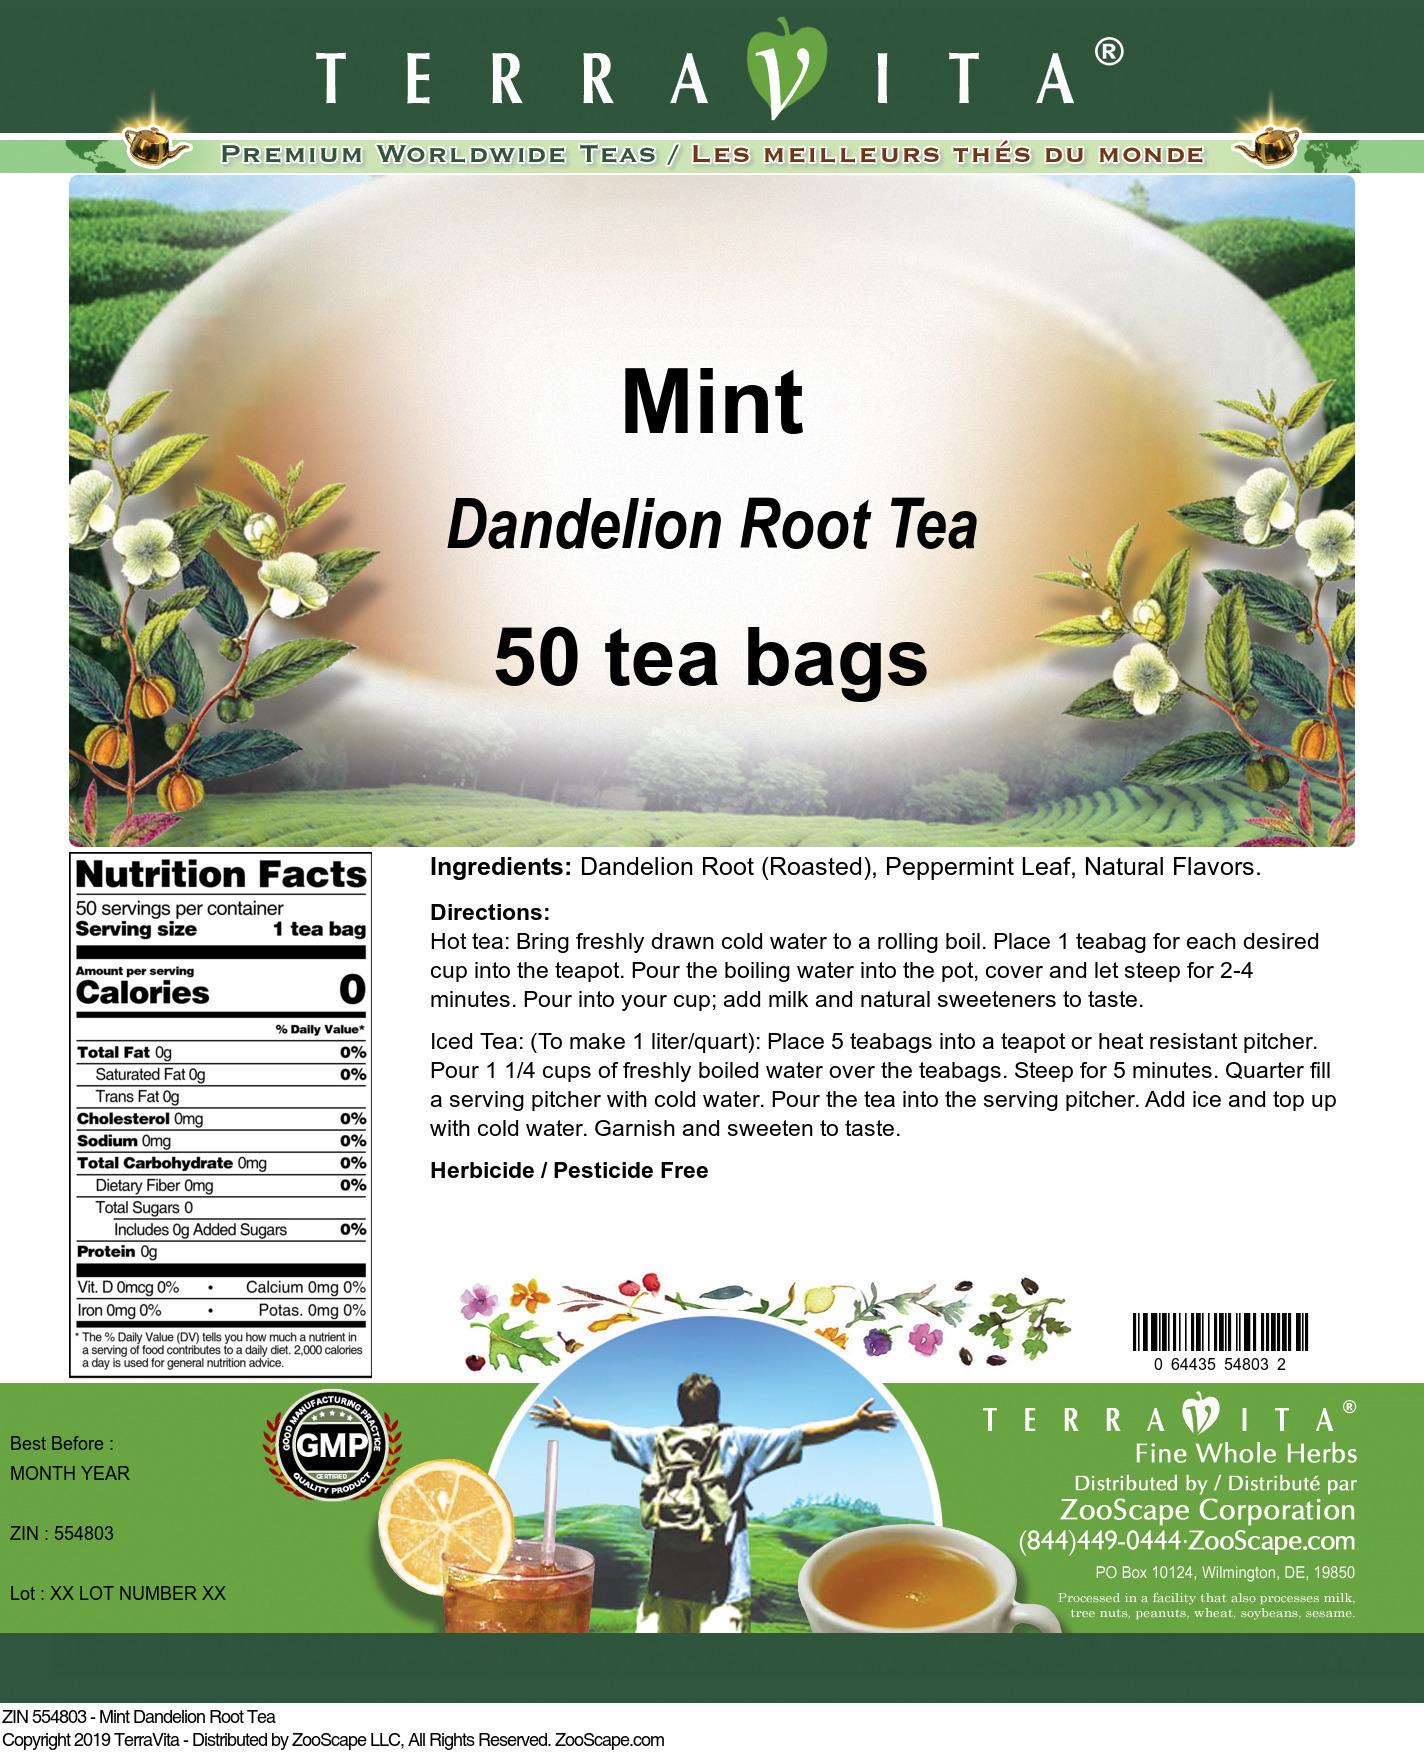 Mint Dandelion Root Tea